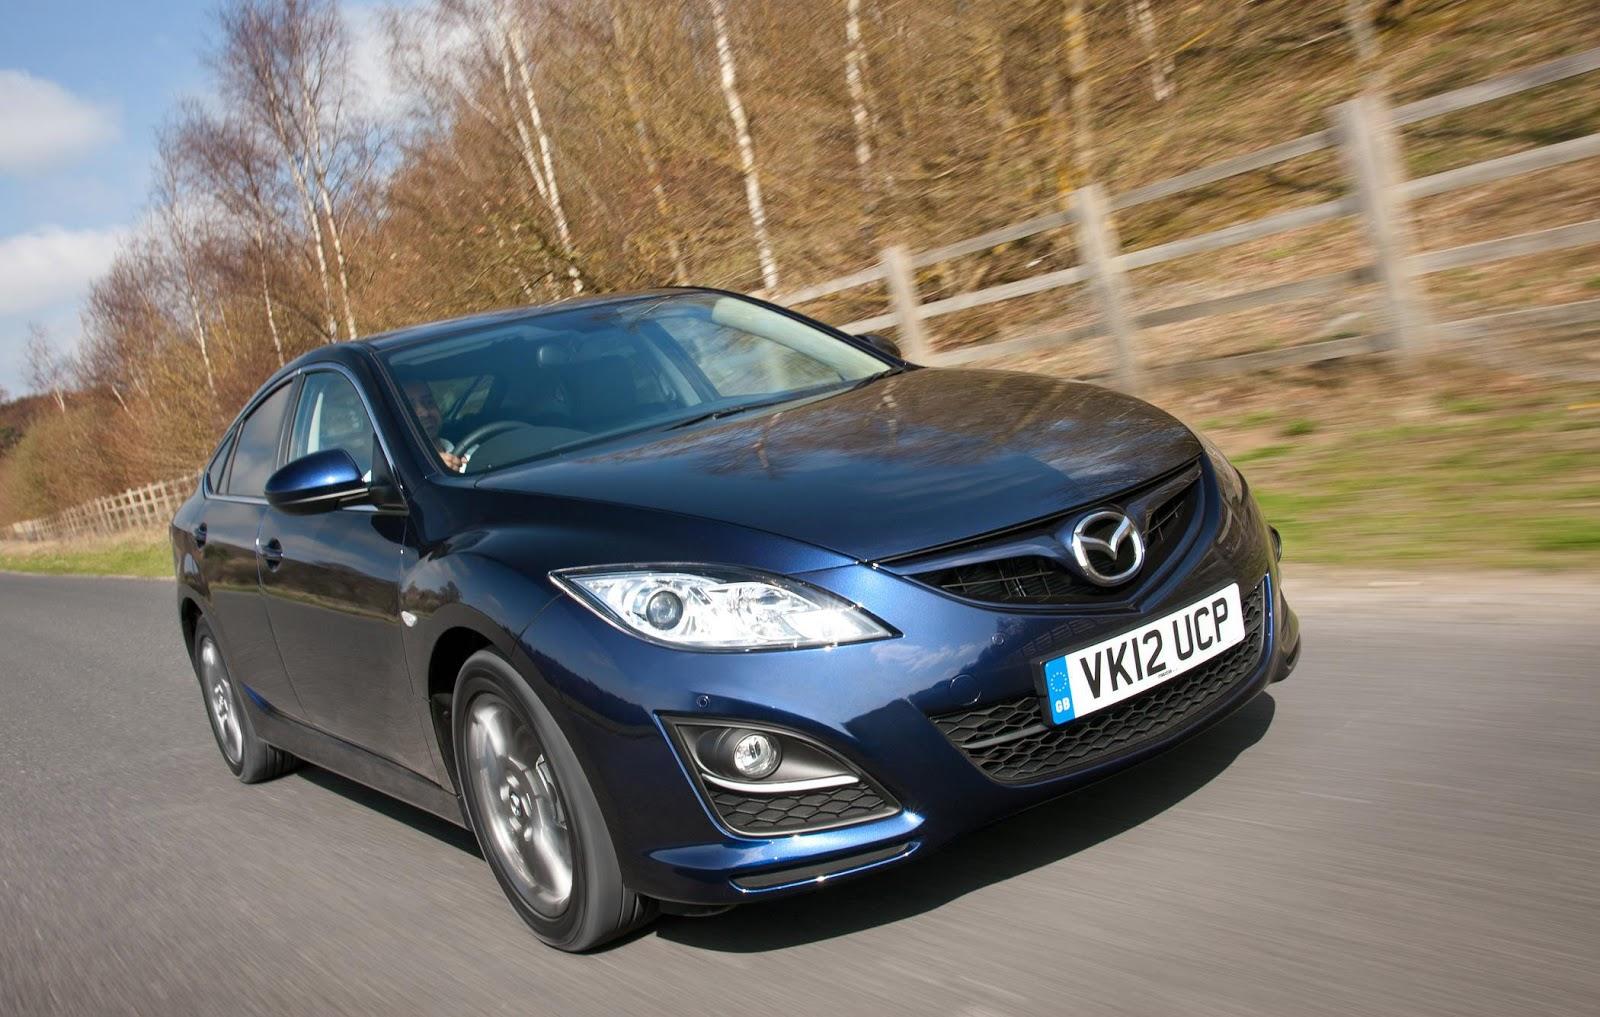 Cars Gto 2012 Mazda 6 Venture Edition